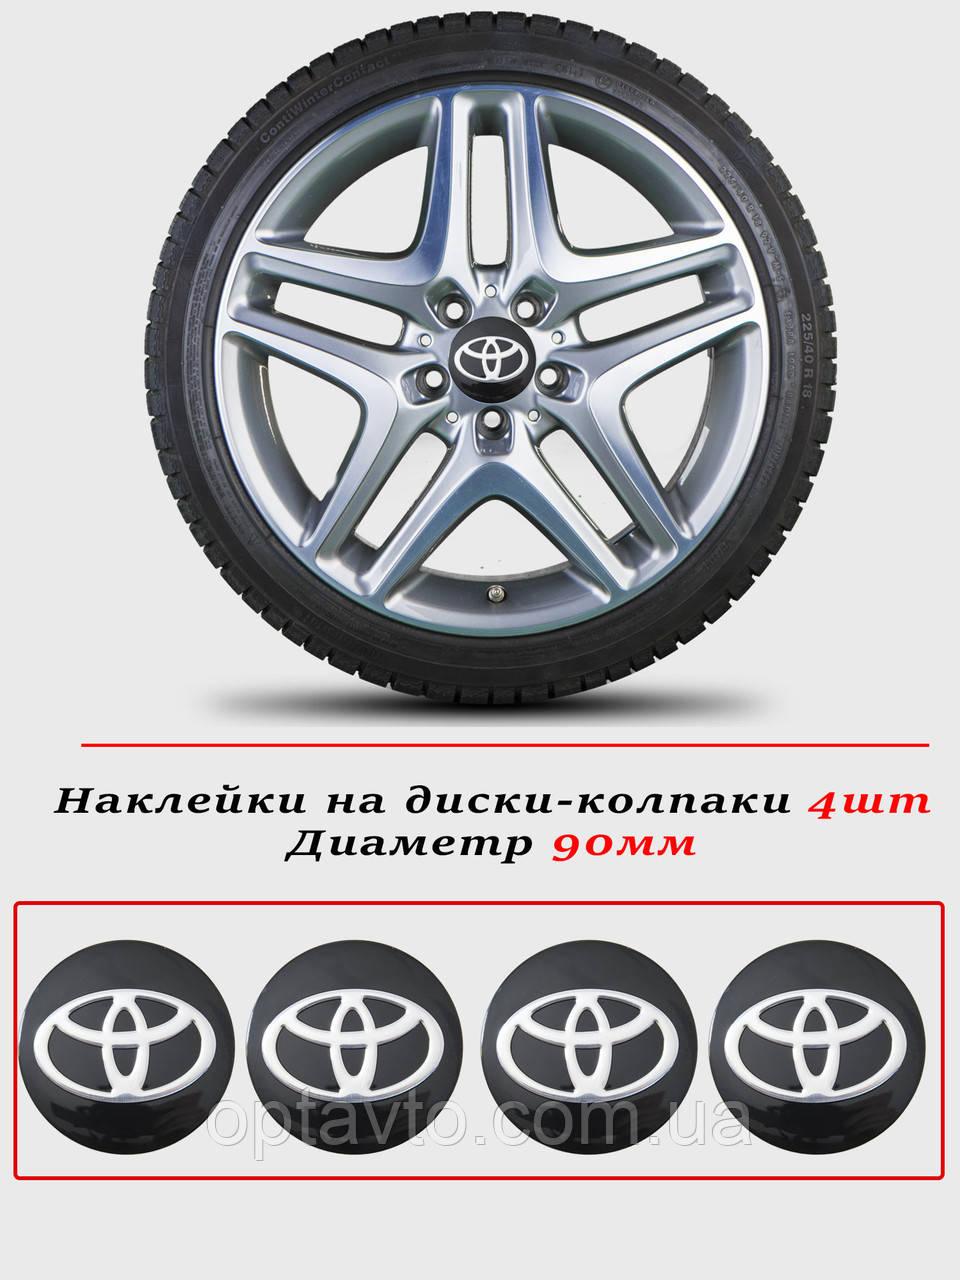 Наклейки на автомобильные колпаки и диски / комплект / диаметр 90 мм / TOYOTA